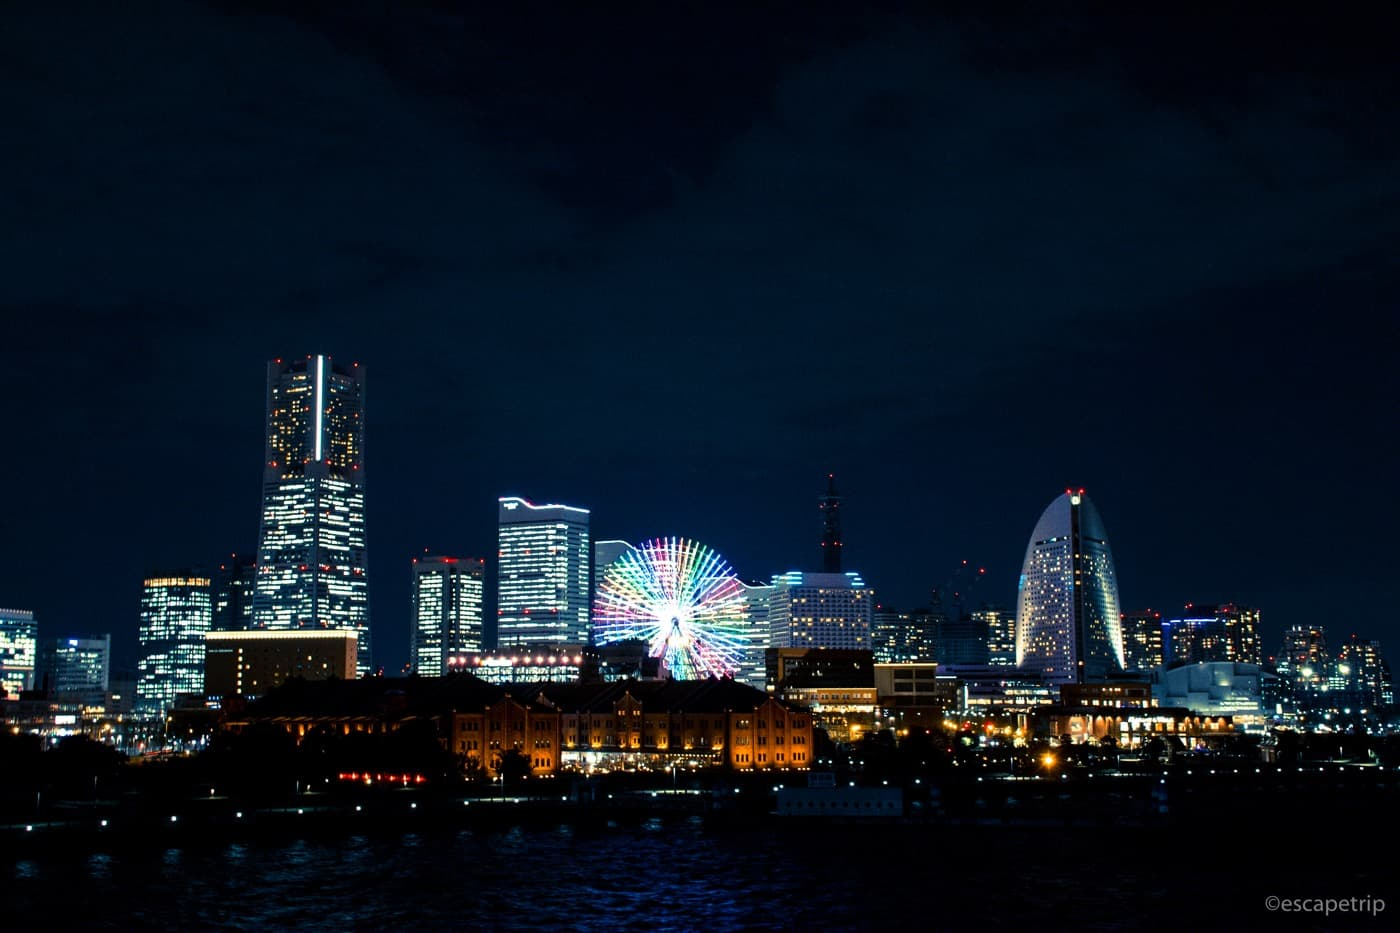 大さん橋から見たみなとみらいの夜景